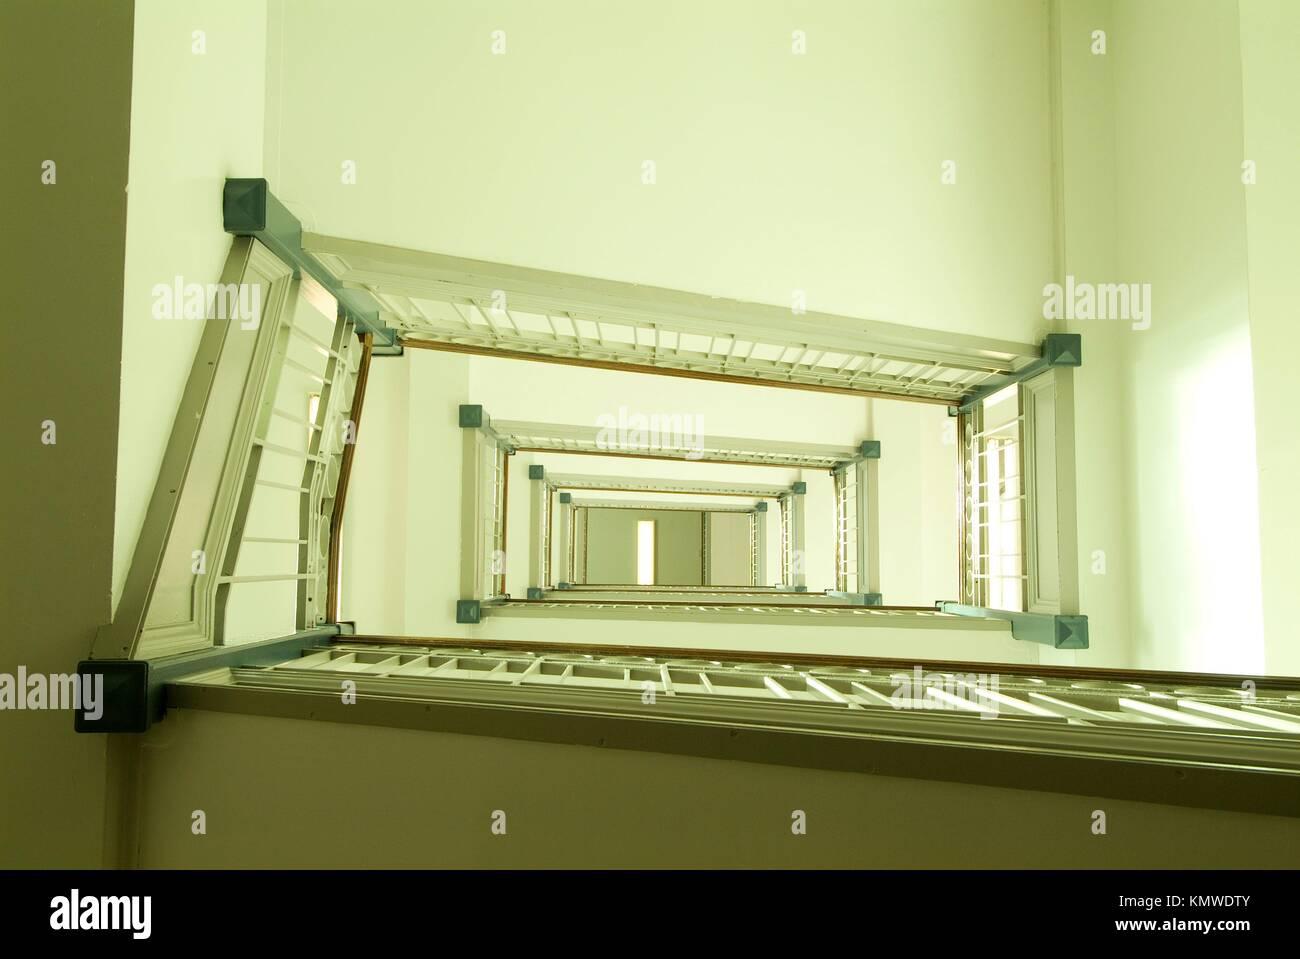 San Paolo ospedale nel centro cittadino di Vancouver è un vecchio edificio con una scalinata e grandi finestre Immagini Stock